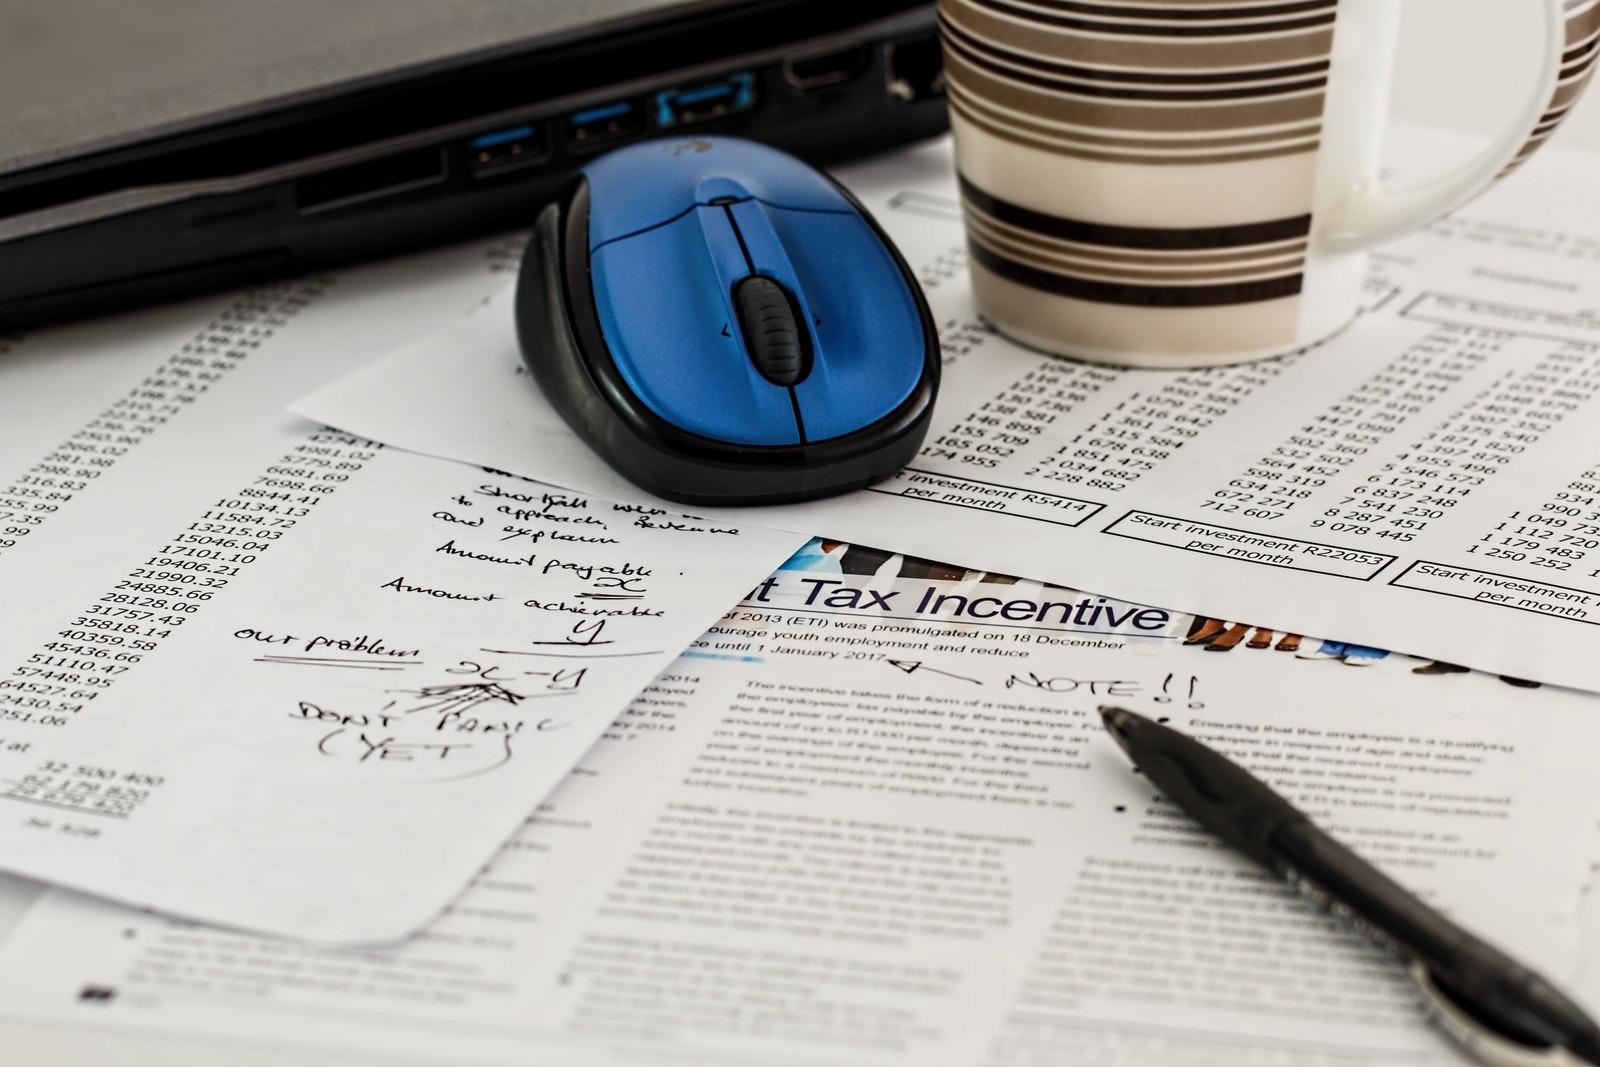 Die neue Betriebsrente: mehr Rente, weniger Steuern und Sozialabgaben